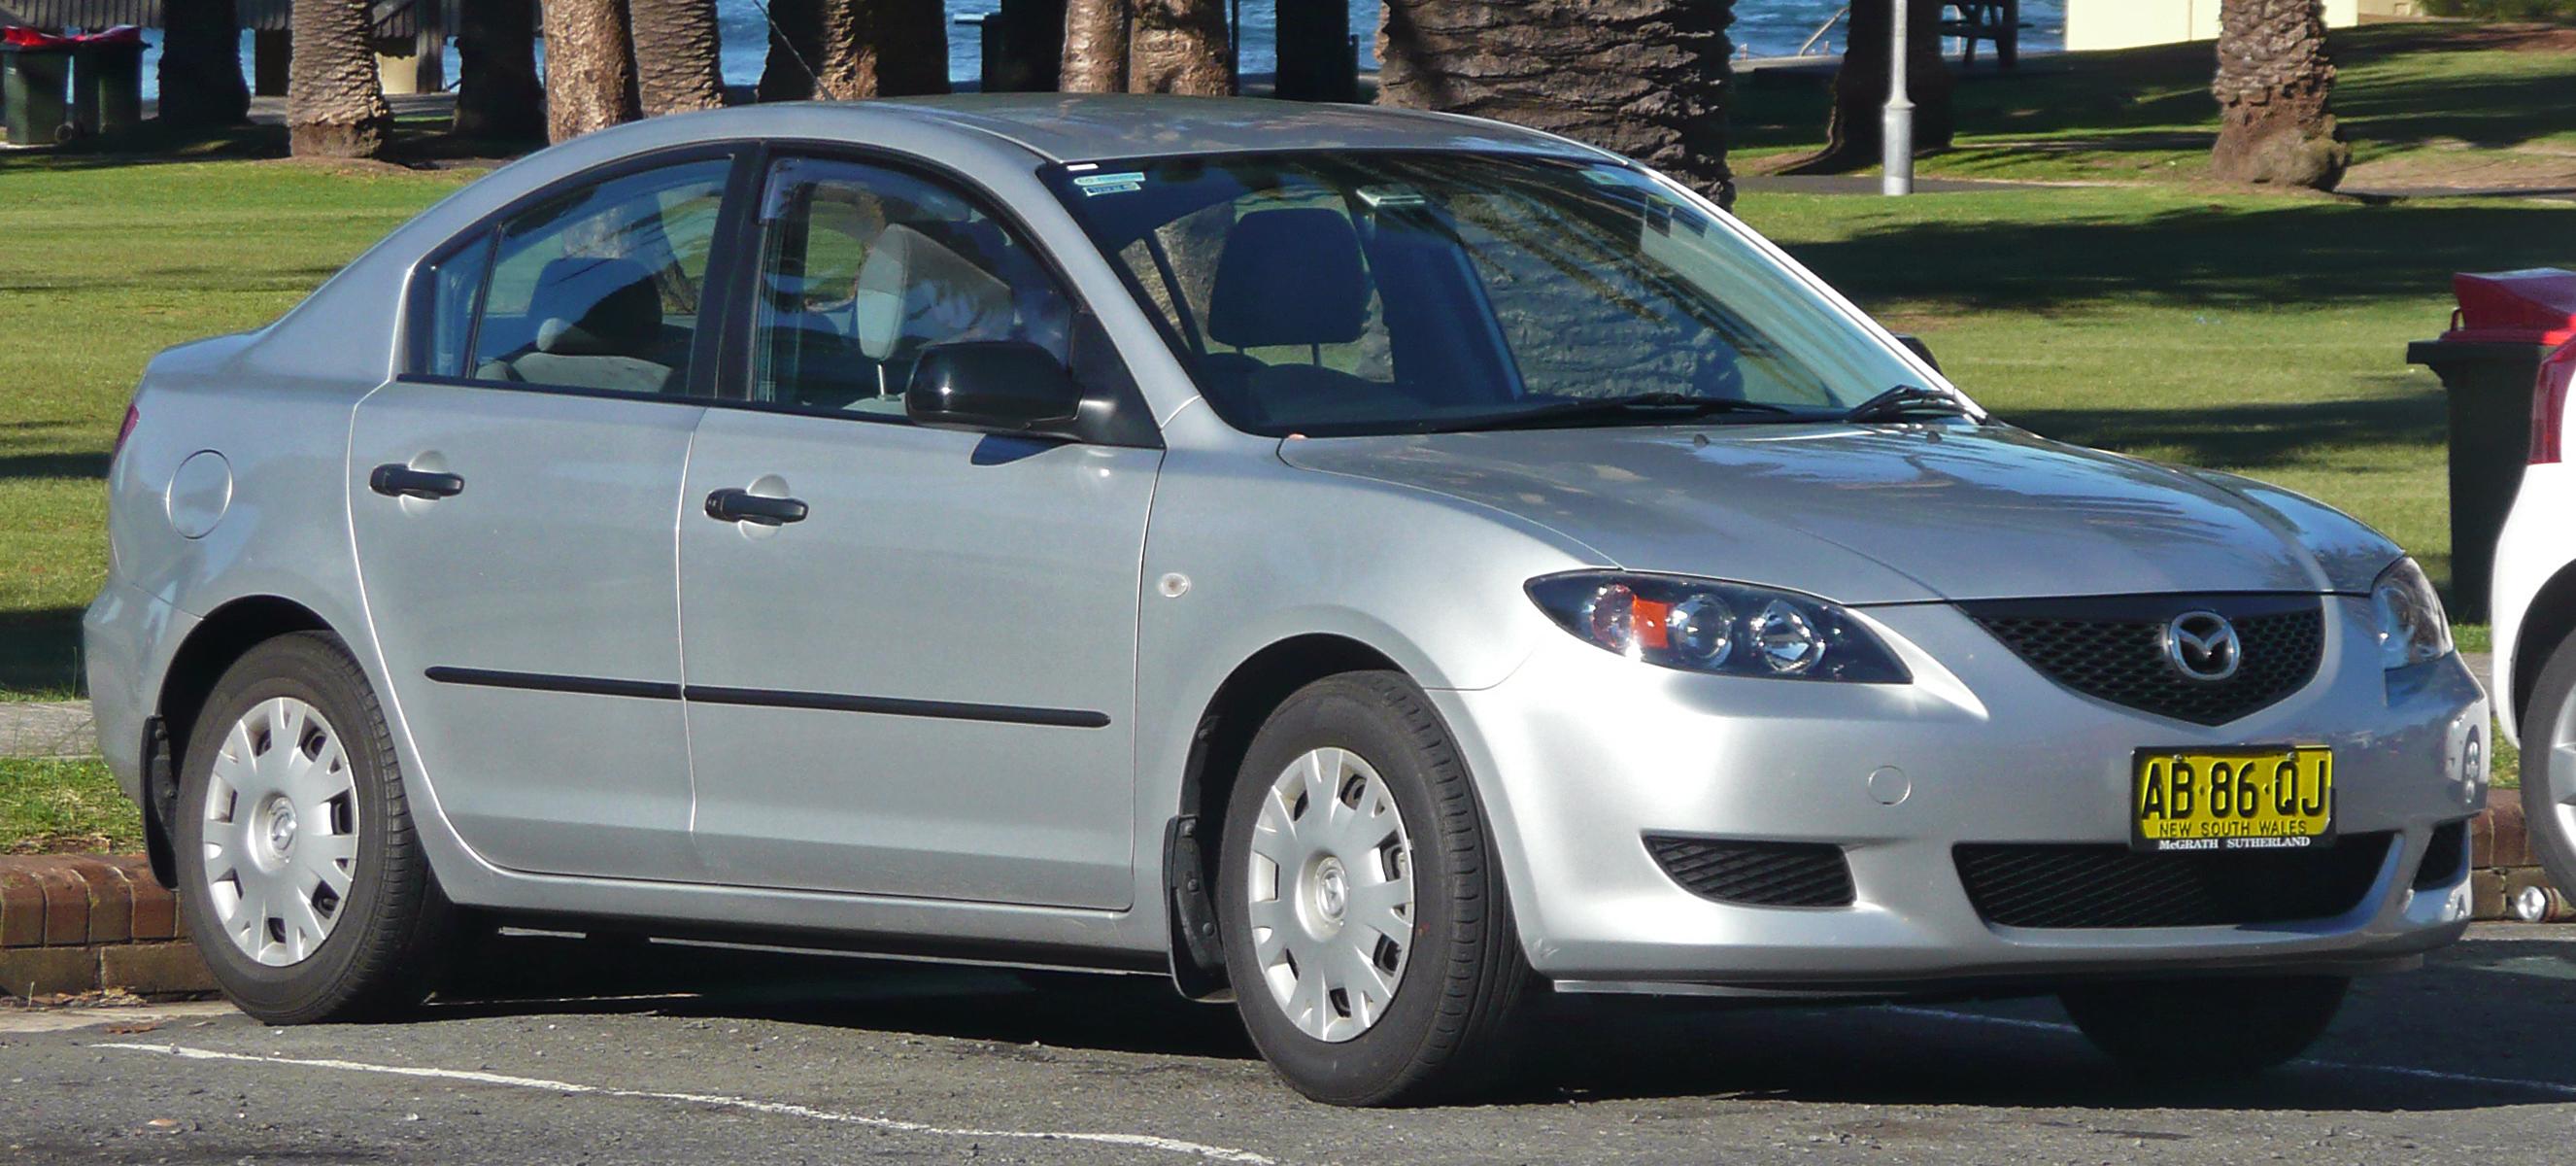 Mazda >> 2004 MAZDA MAZDA3 - Image #9